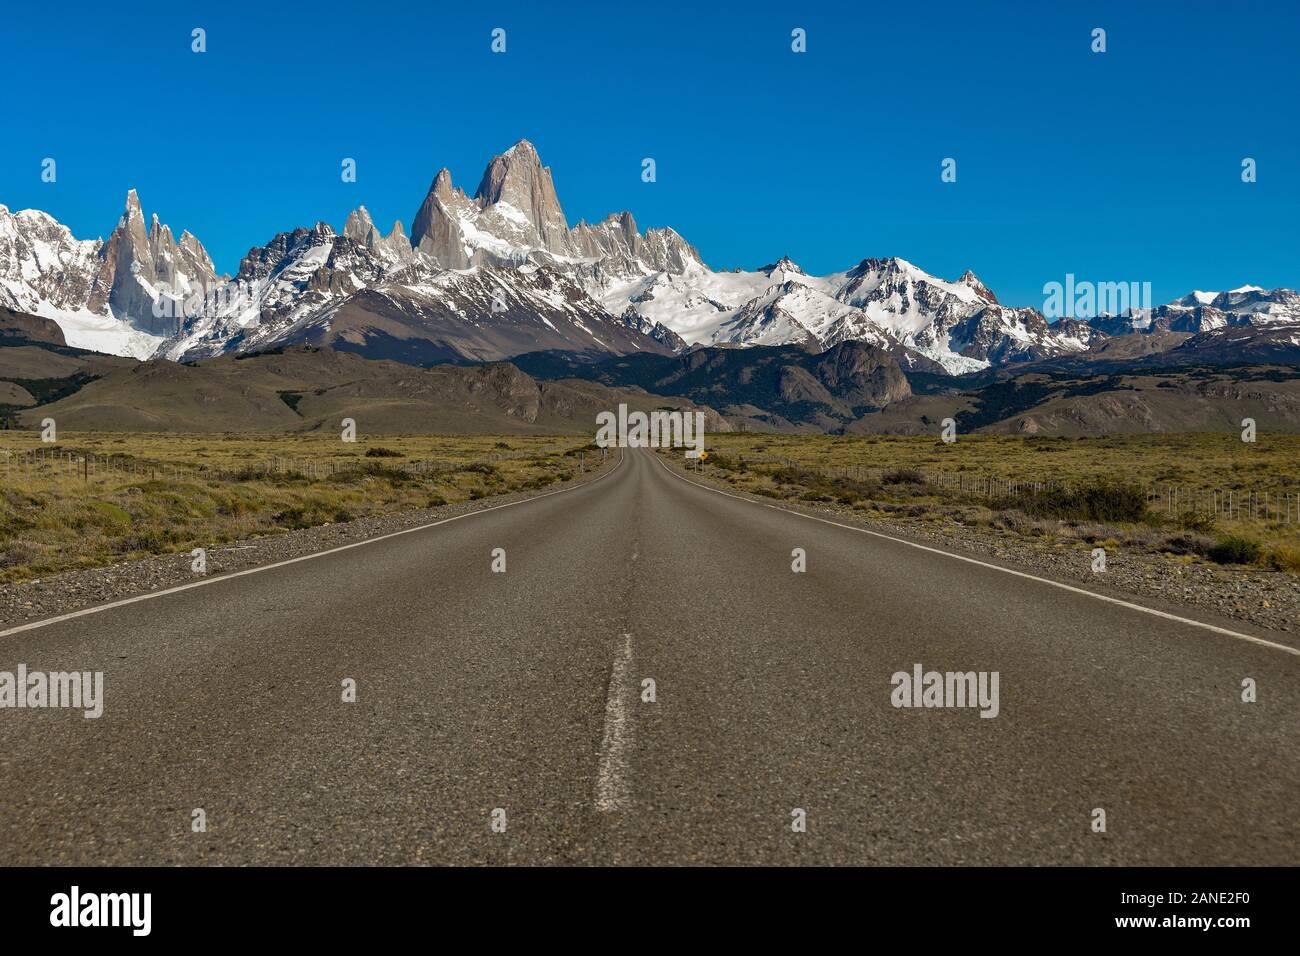 Route vers El Chalten avec célèbre montagne Fitz Roy et le Cerro Torre, en Patagonie, Argentine Banque D'Images